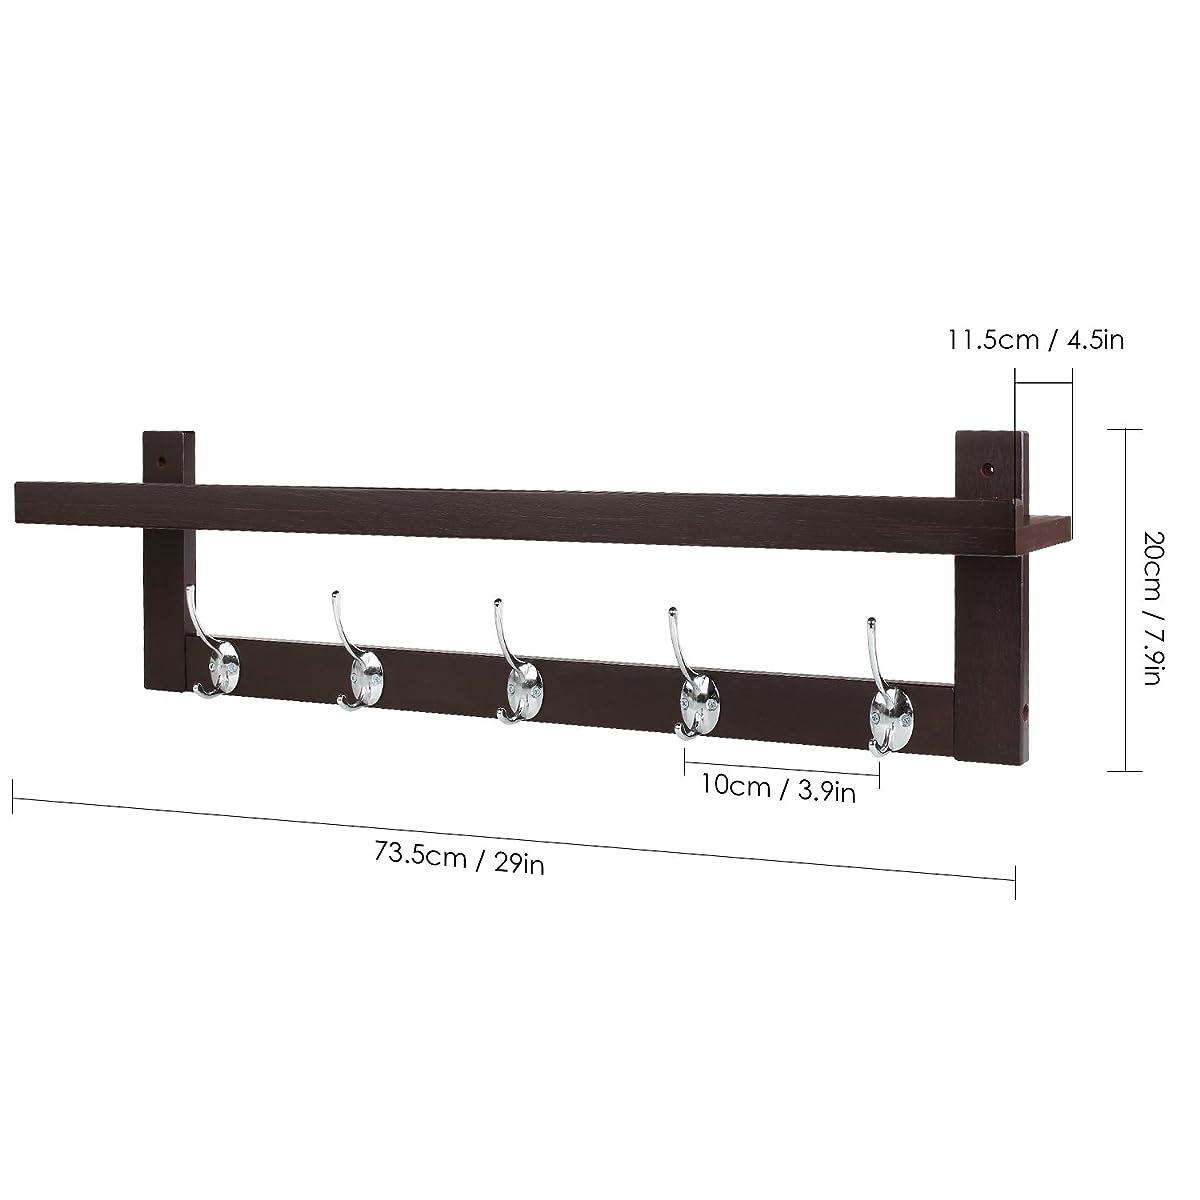 HOMFA Bamboo Coat Hook Shelf Wall Mounted Hanging Shelf Entryway Wall Shelf  With 5 Dual Wall ...